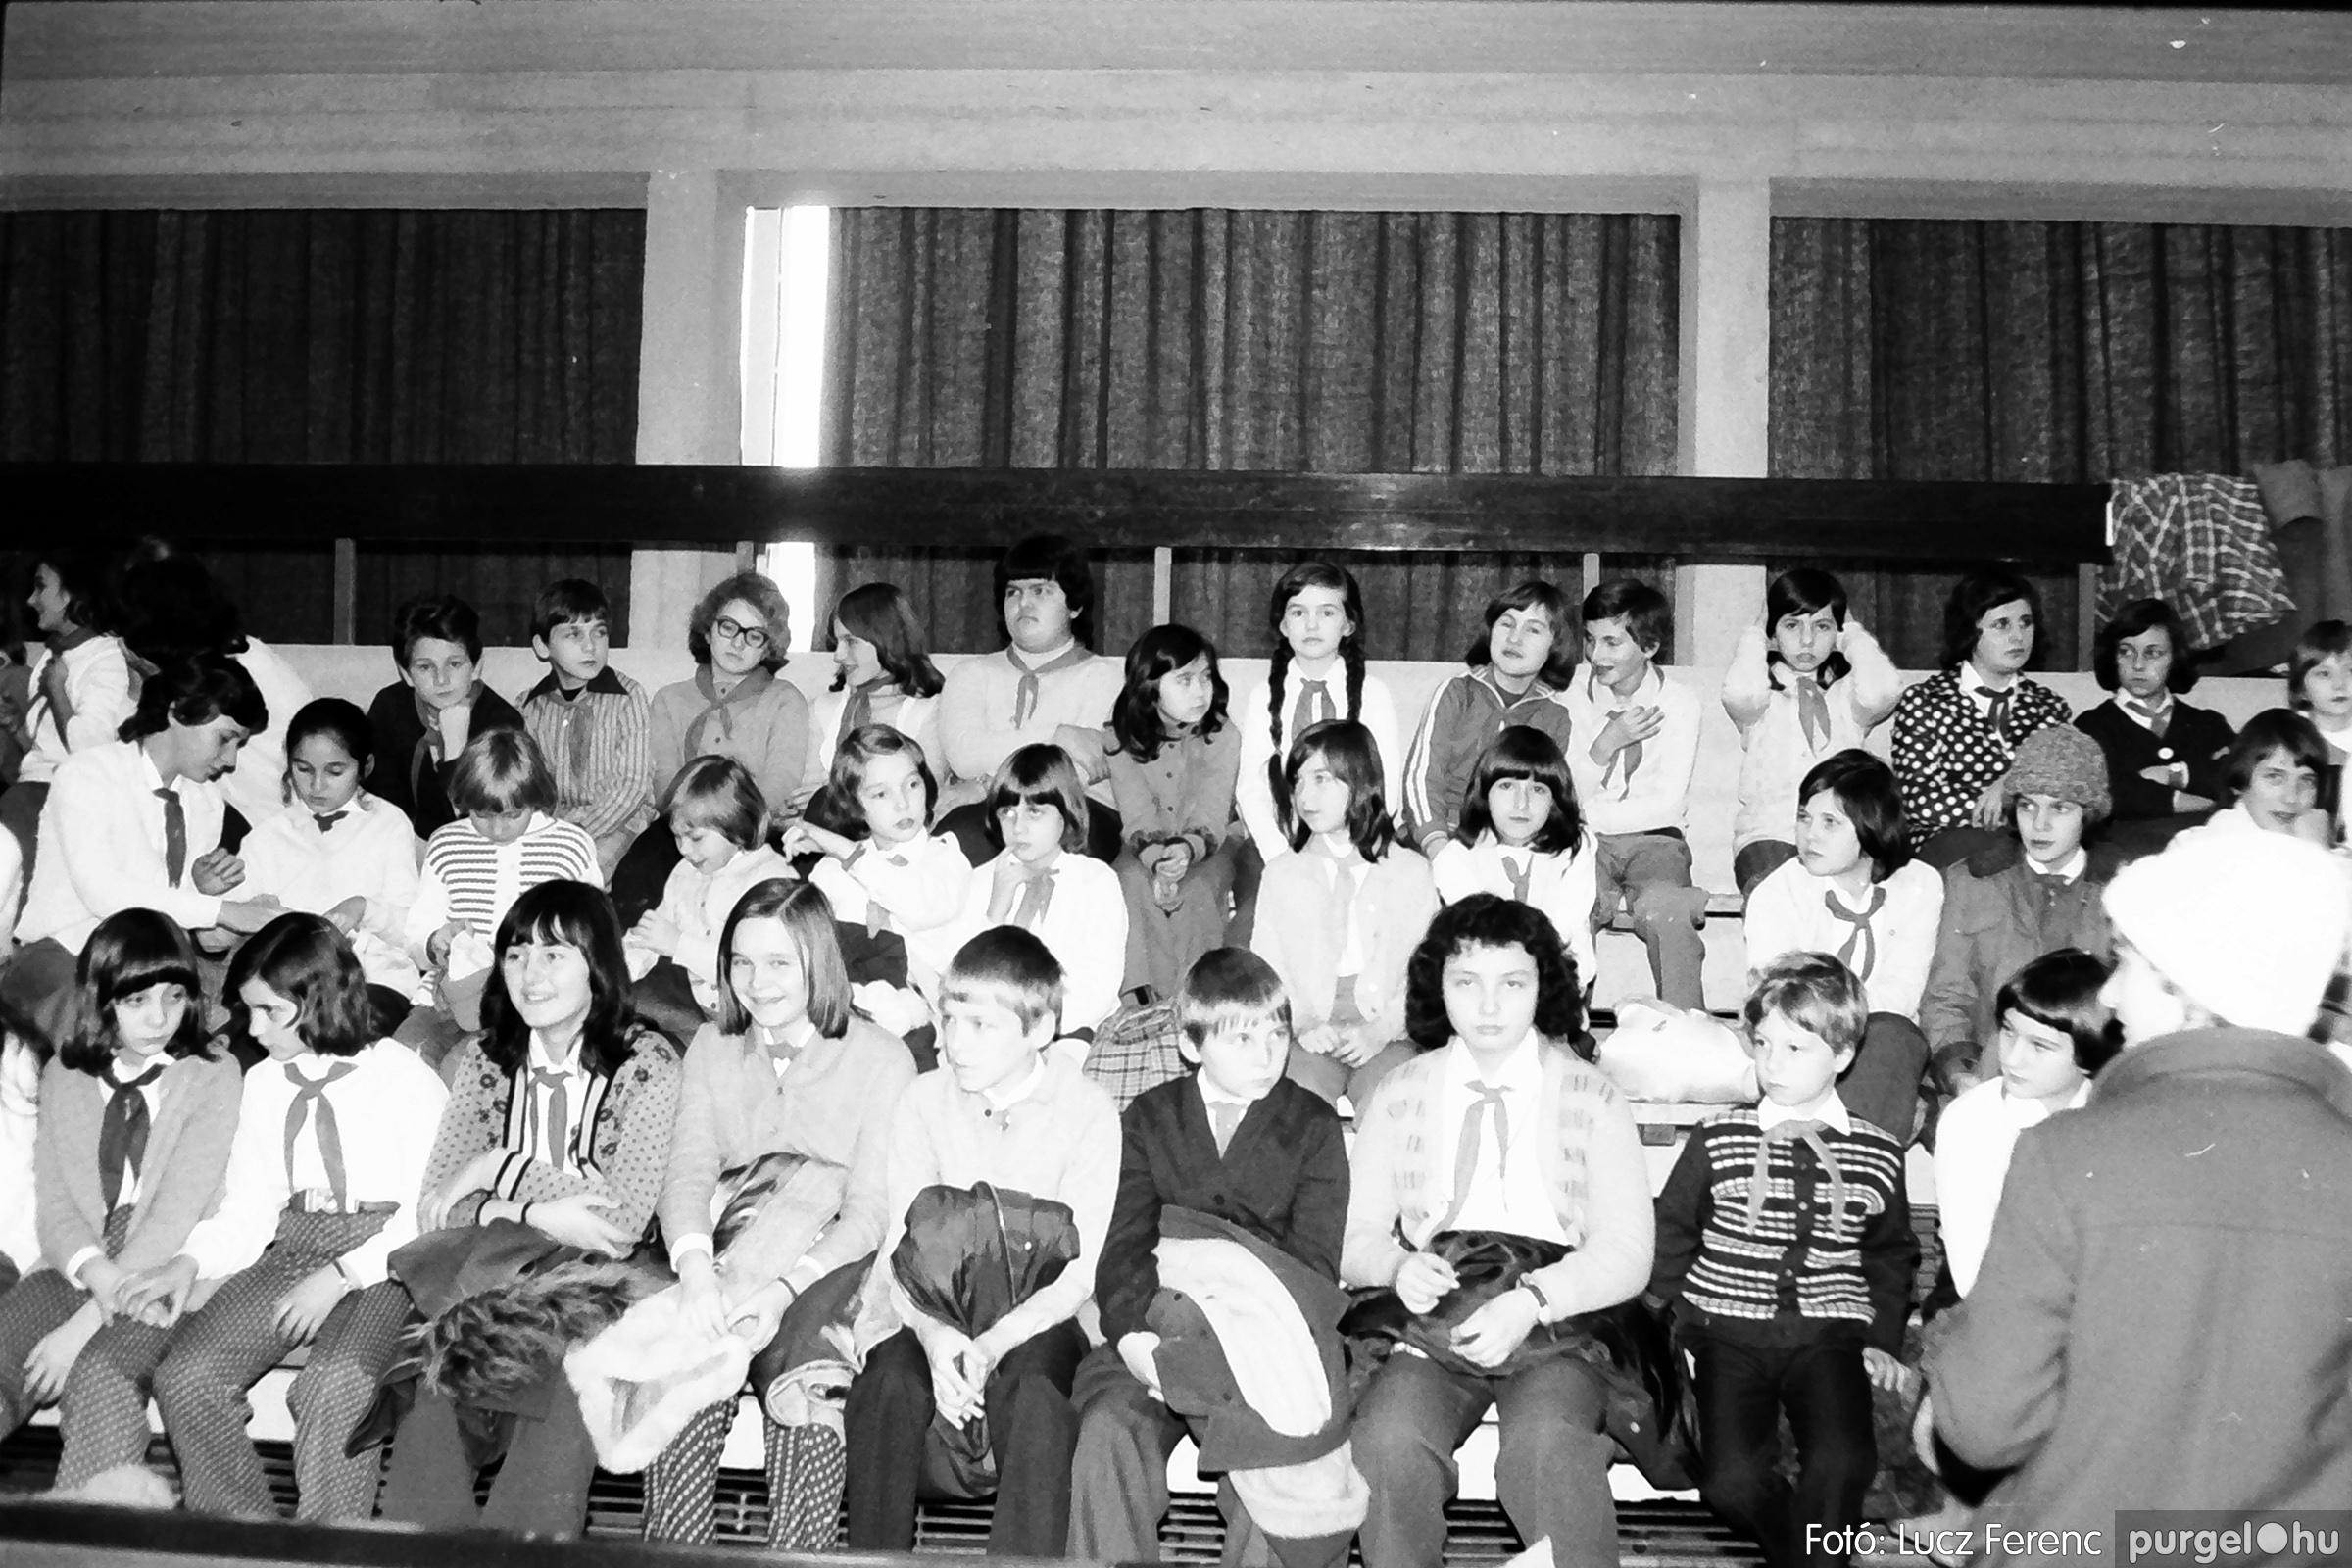 067-068. 1976. Úttörőkarácsony Szegeden 011. - Fotó: Lucz Ferenc.jpg